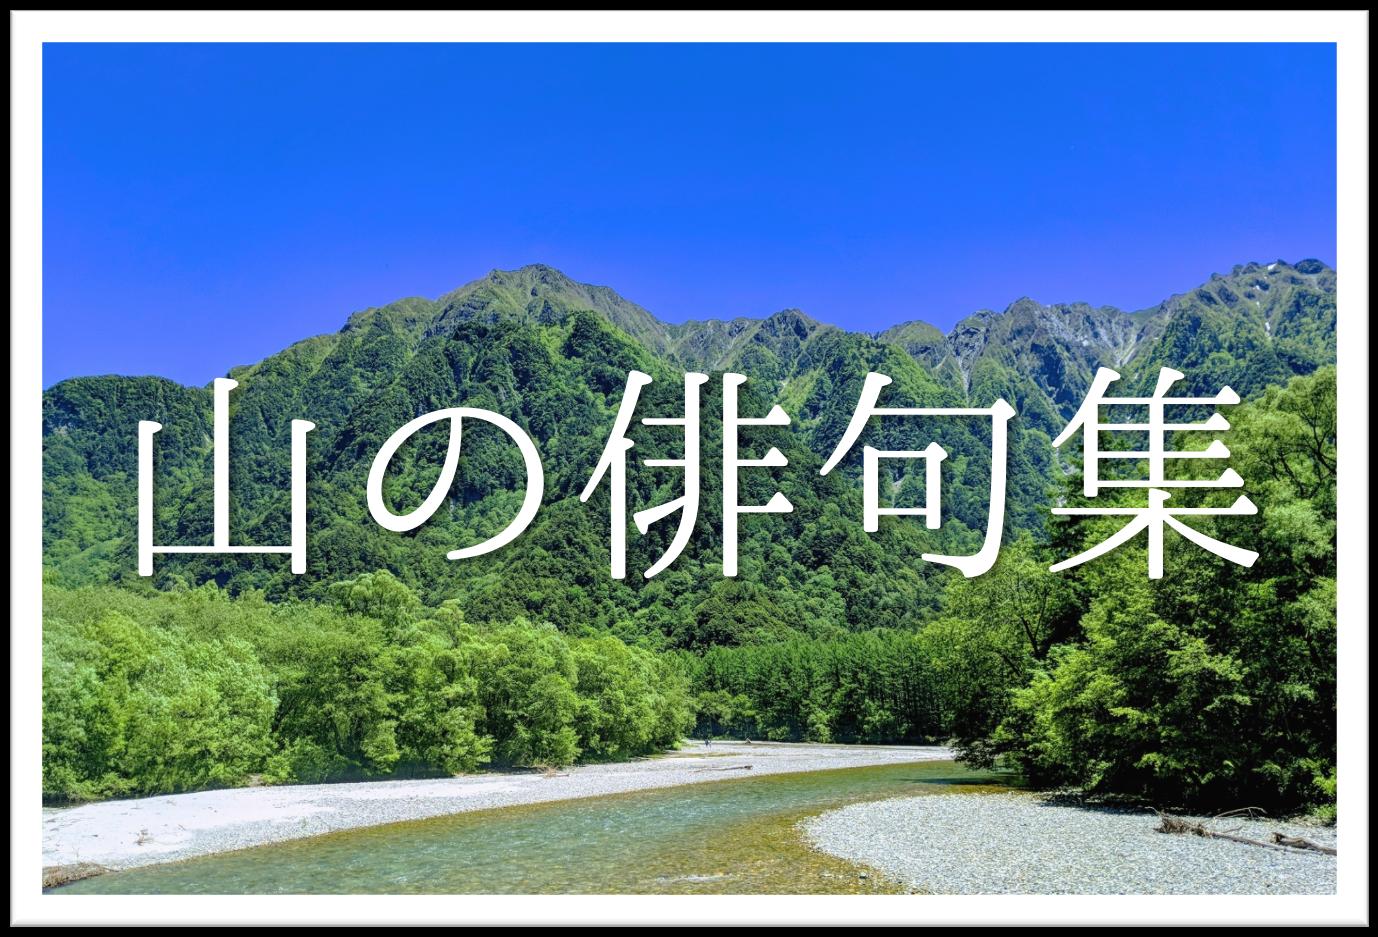 【山を題材にした俳句 20選】春夏秋冬!!季語を含むおすすめ有名&素人俳句を紹介!